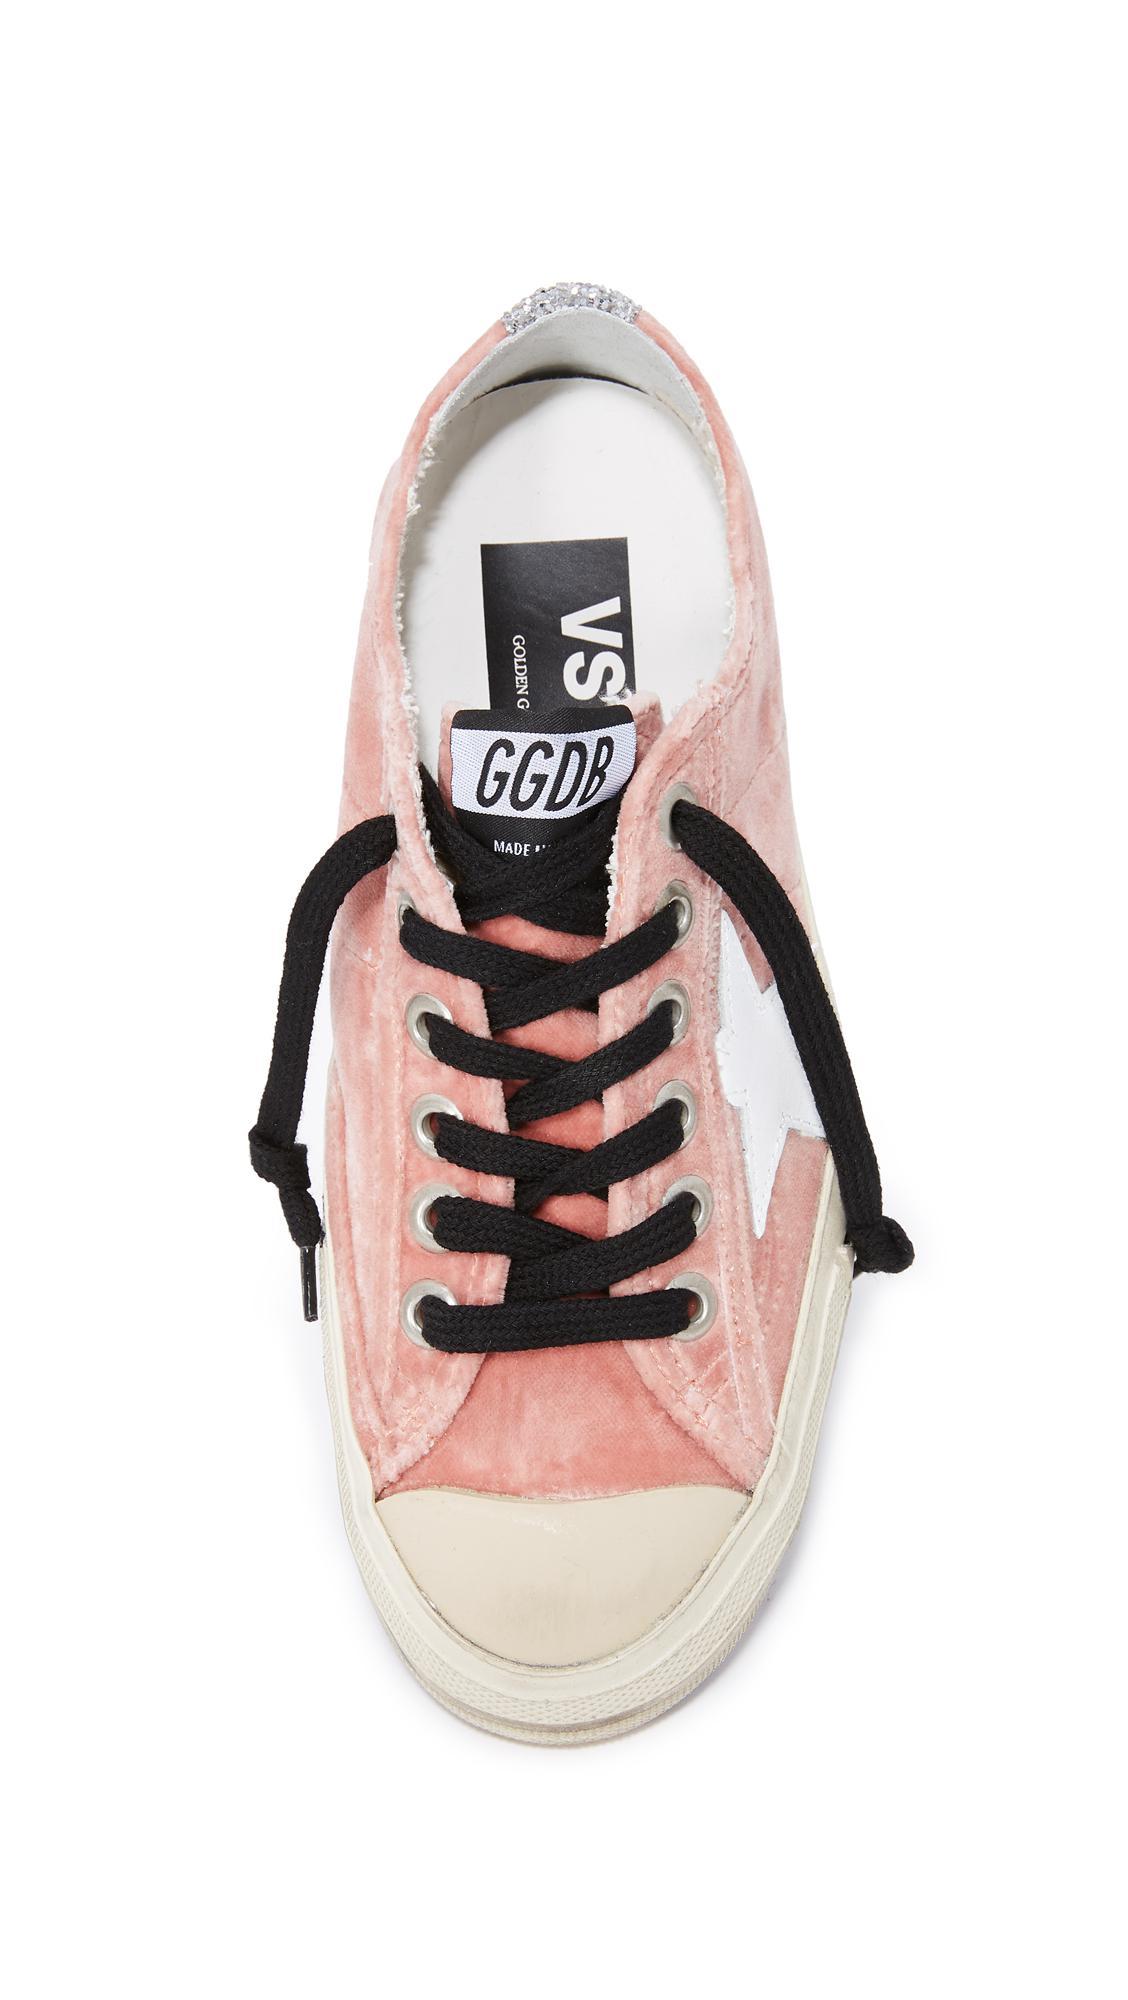 Golden Goose Deluxe Brand V-star Velvet Sneakers